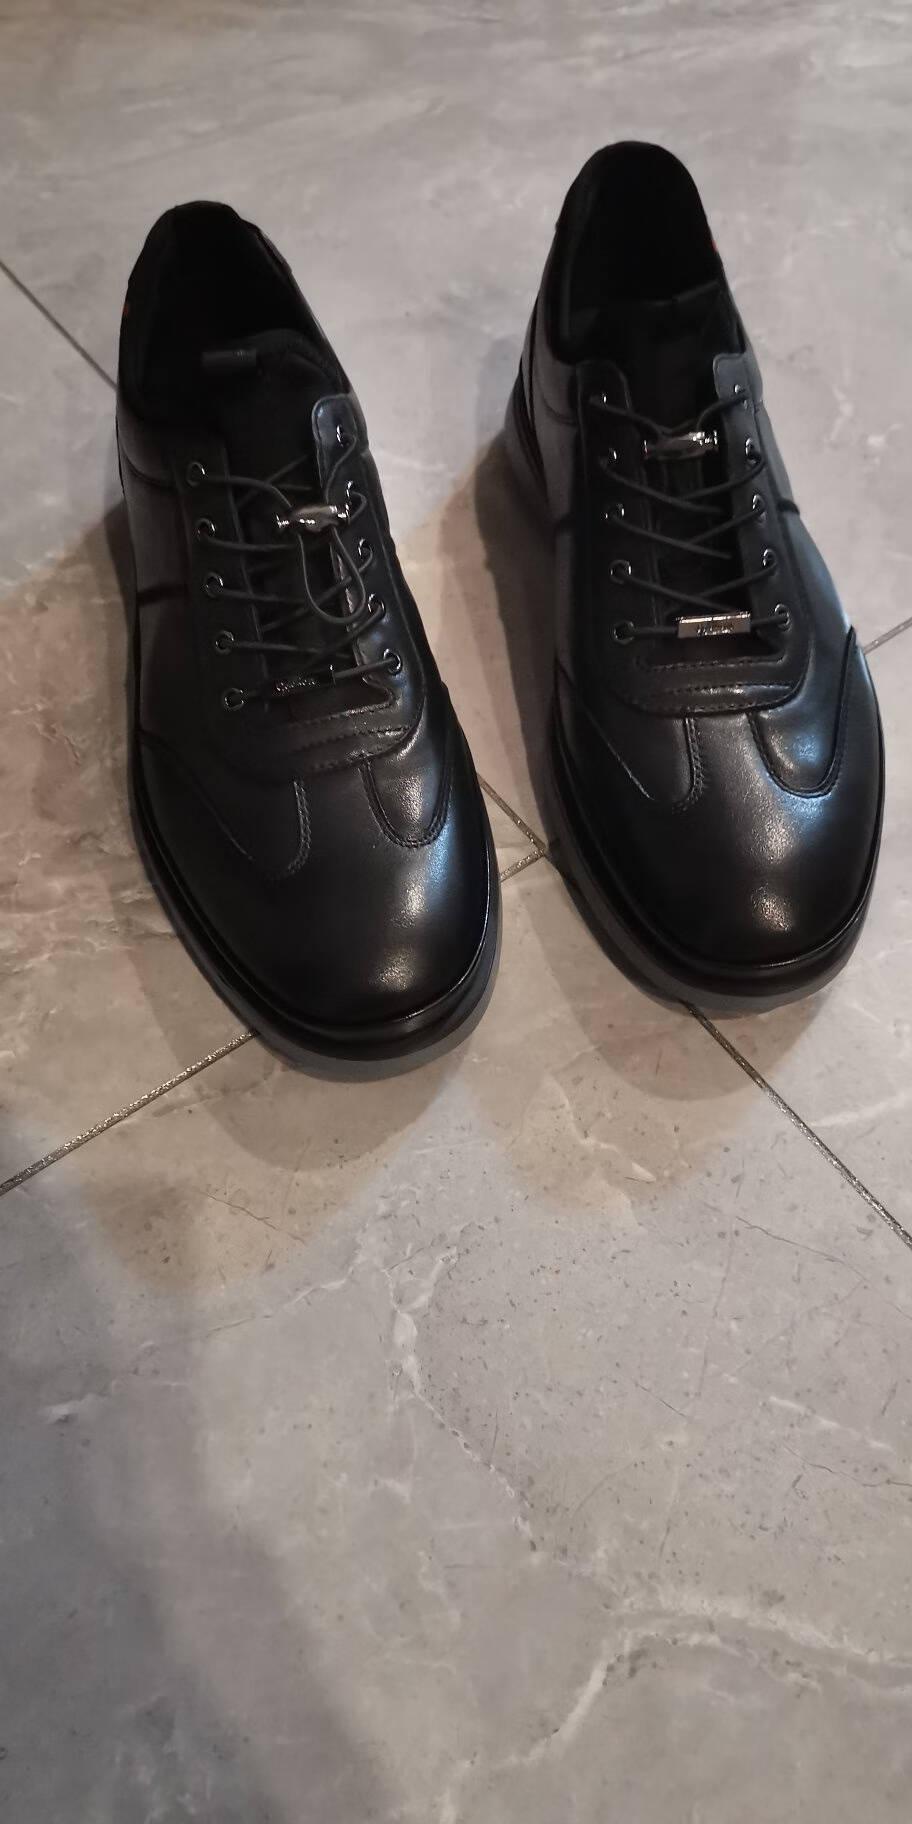 Goldlion金利来皮鞋休闲鞋百搭男鞋柔软舒适板鞋日常运动鞋男跑步鞋黑色(四季款-偏大一码)41